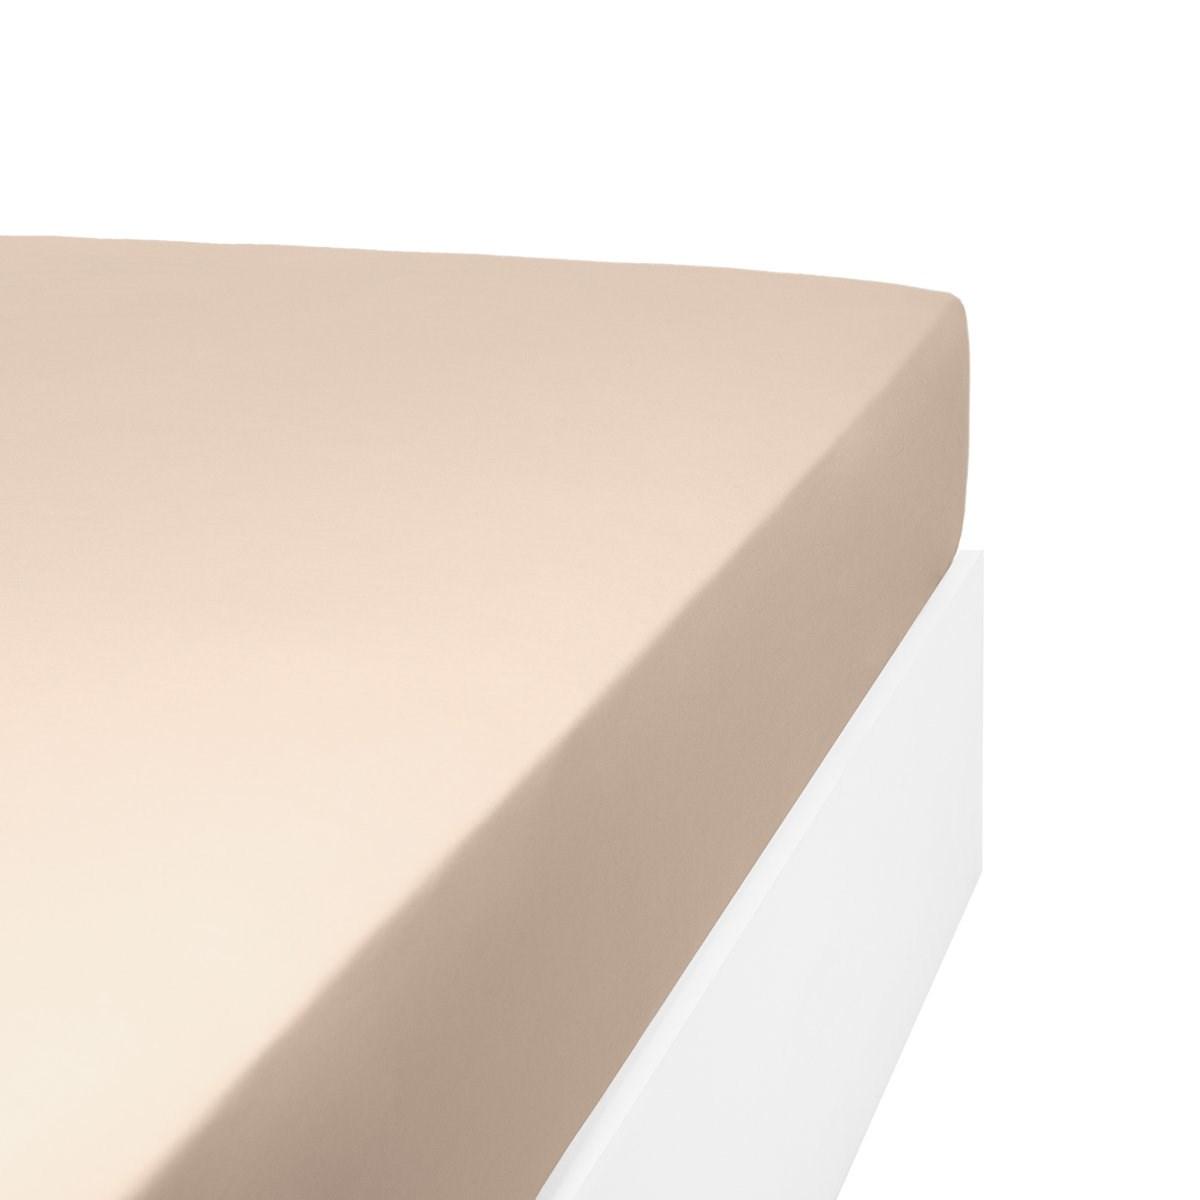 Drap housse uni 200 fils en de coton beige foncé 200x200 cm